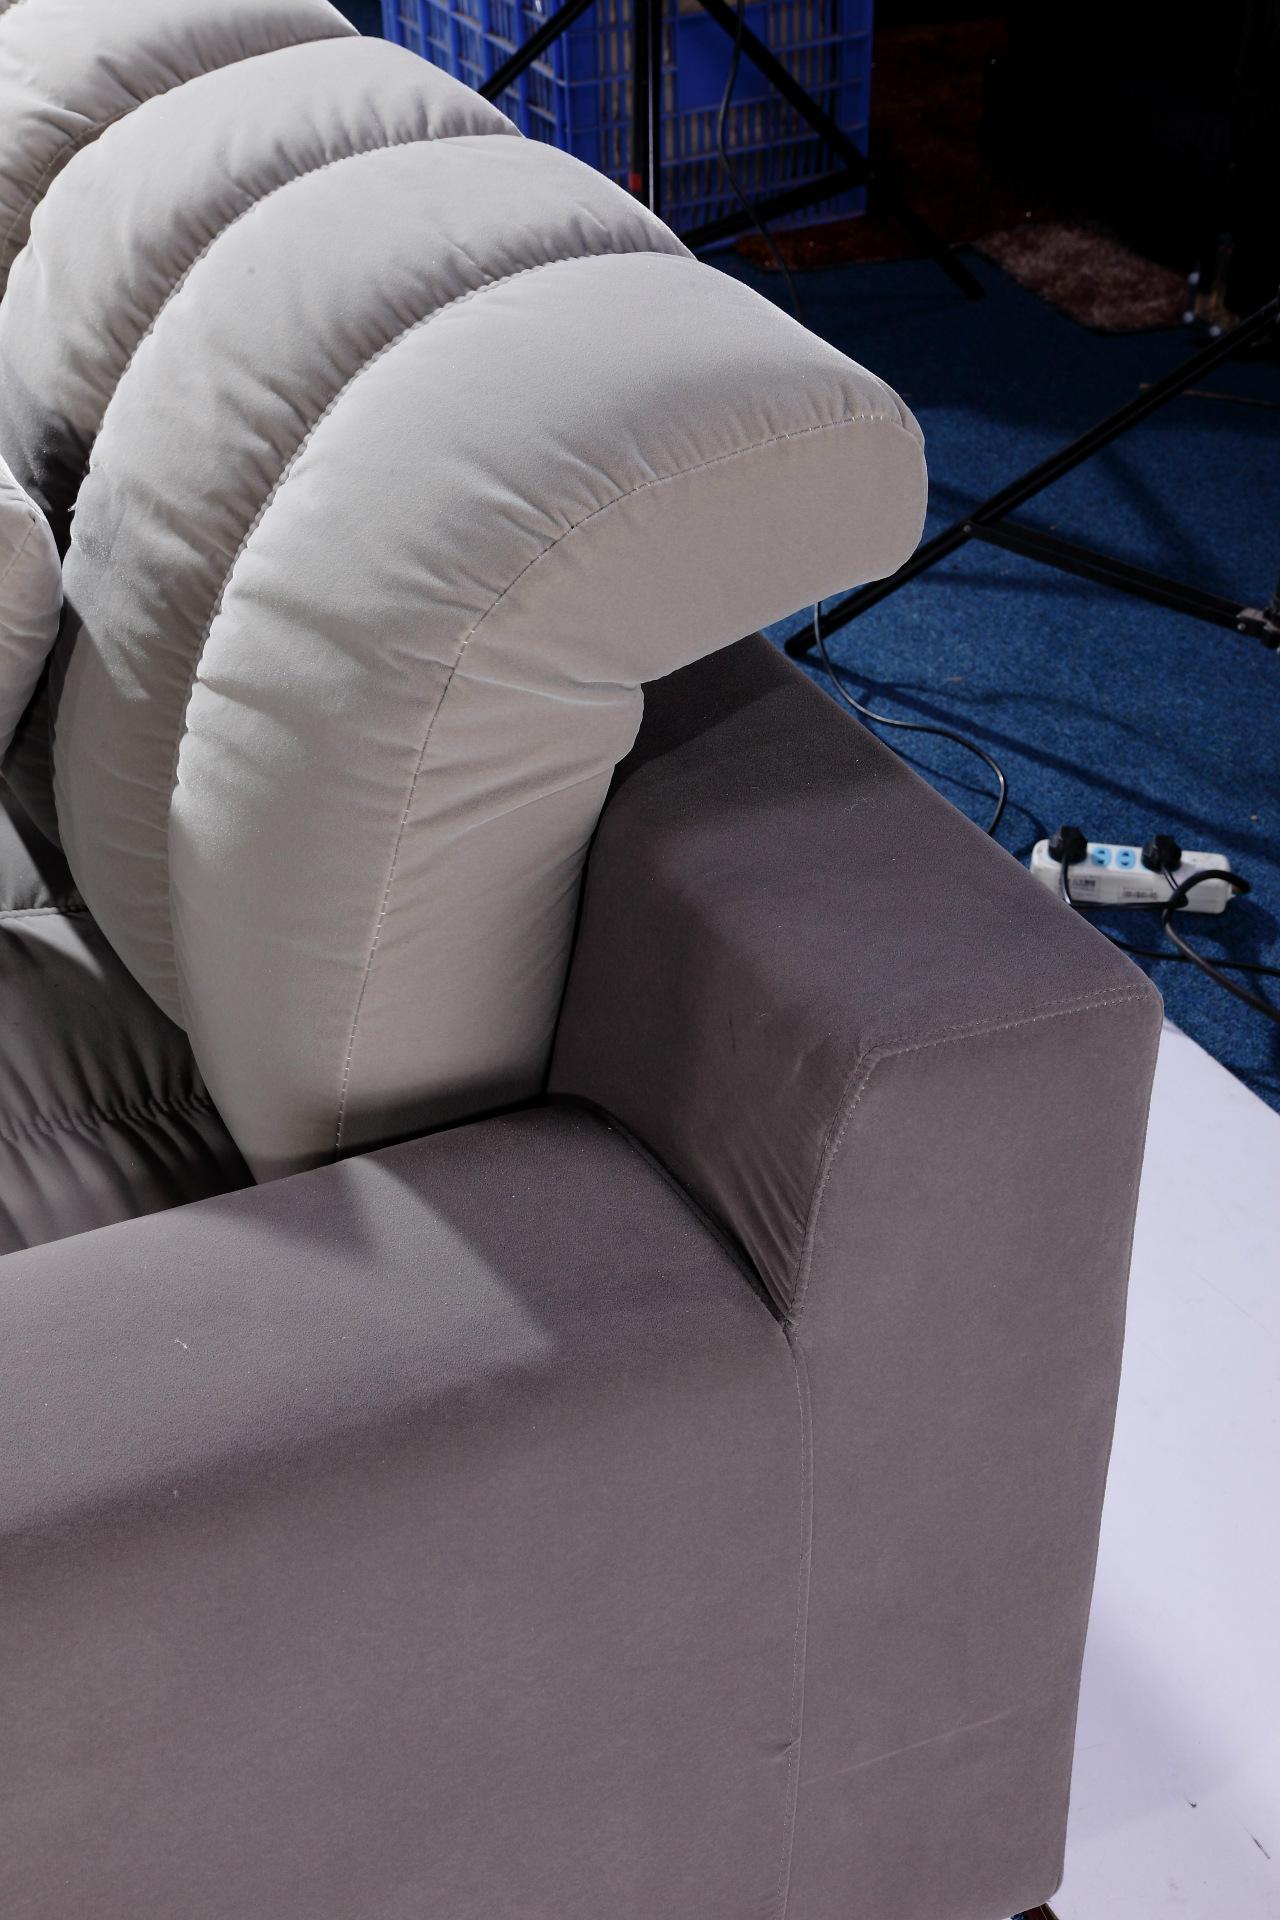 布艺沙发厂家直销 现代休闲转角小户型布沙发 简约客厅家居组合